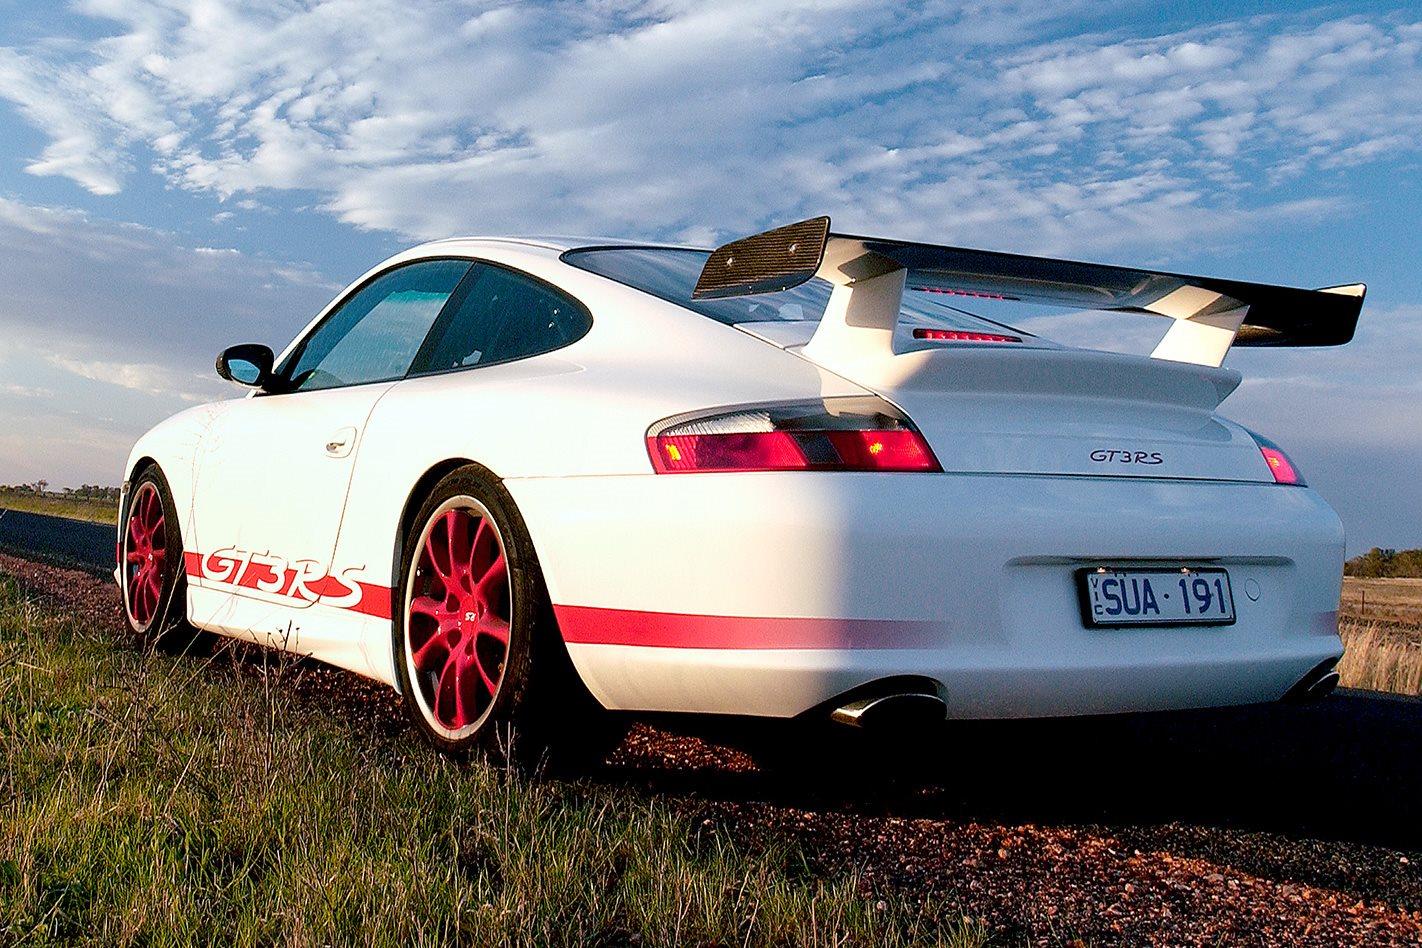 Porsche GT3 RS rear